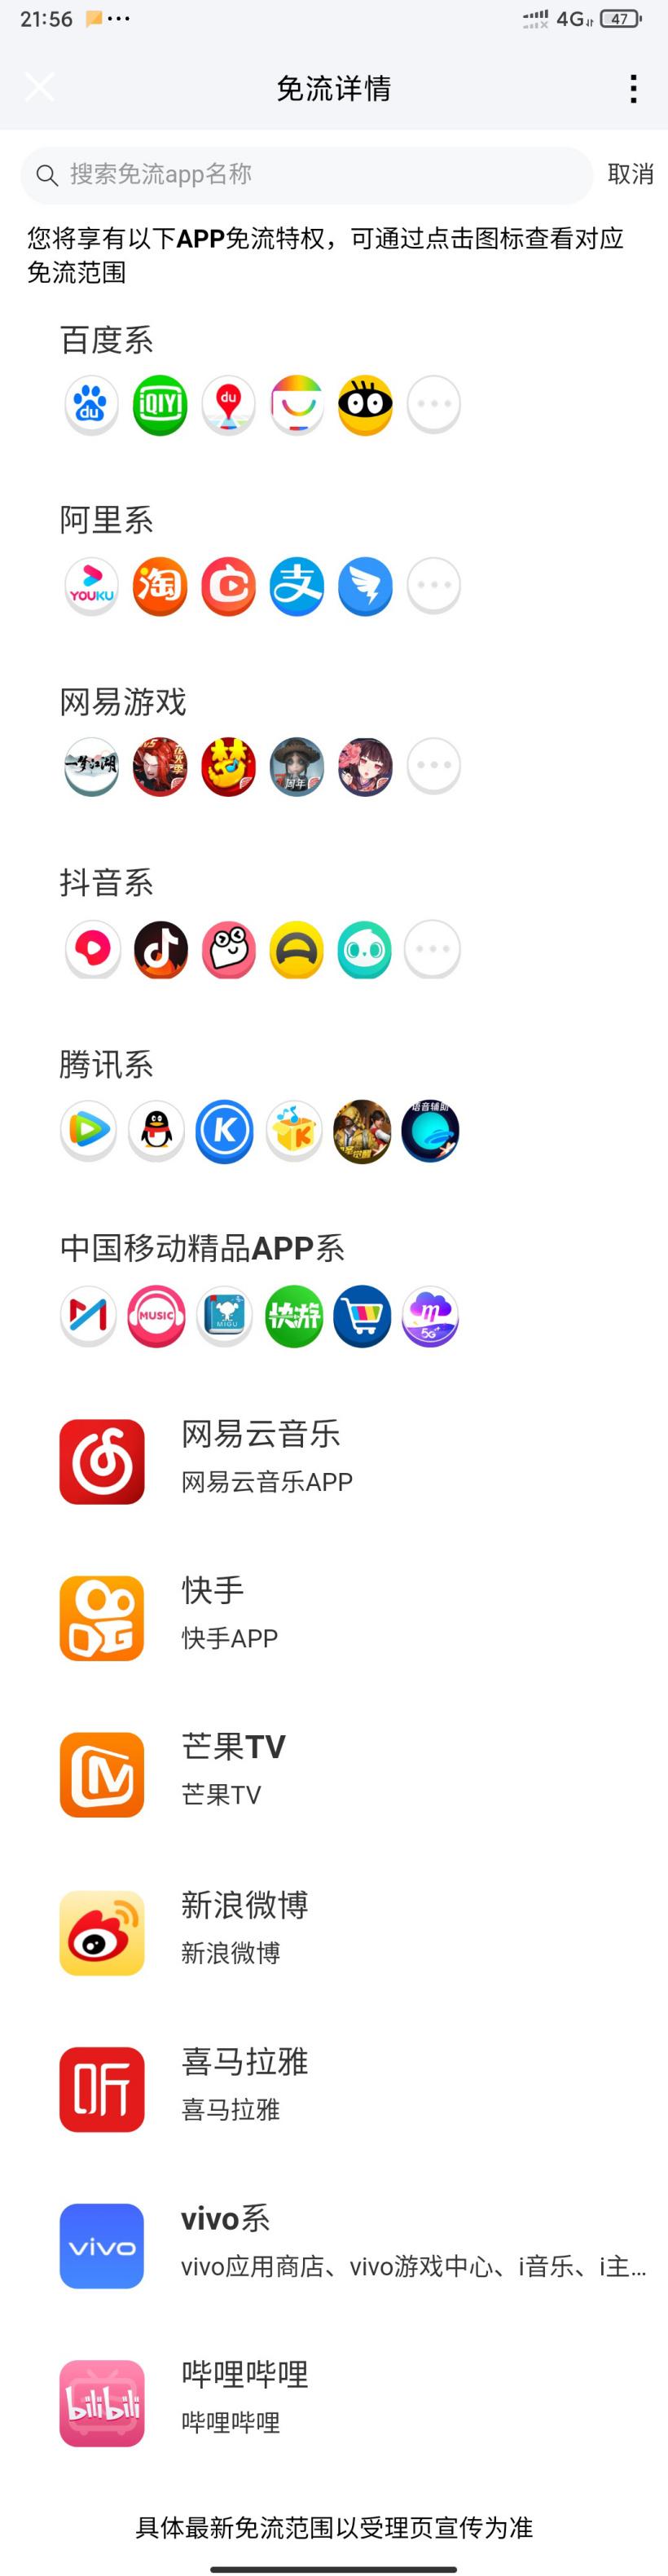 腾讯手机qq宝藏卡申请地址图2: